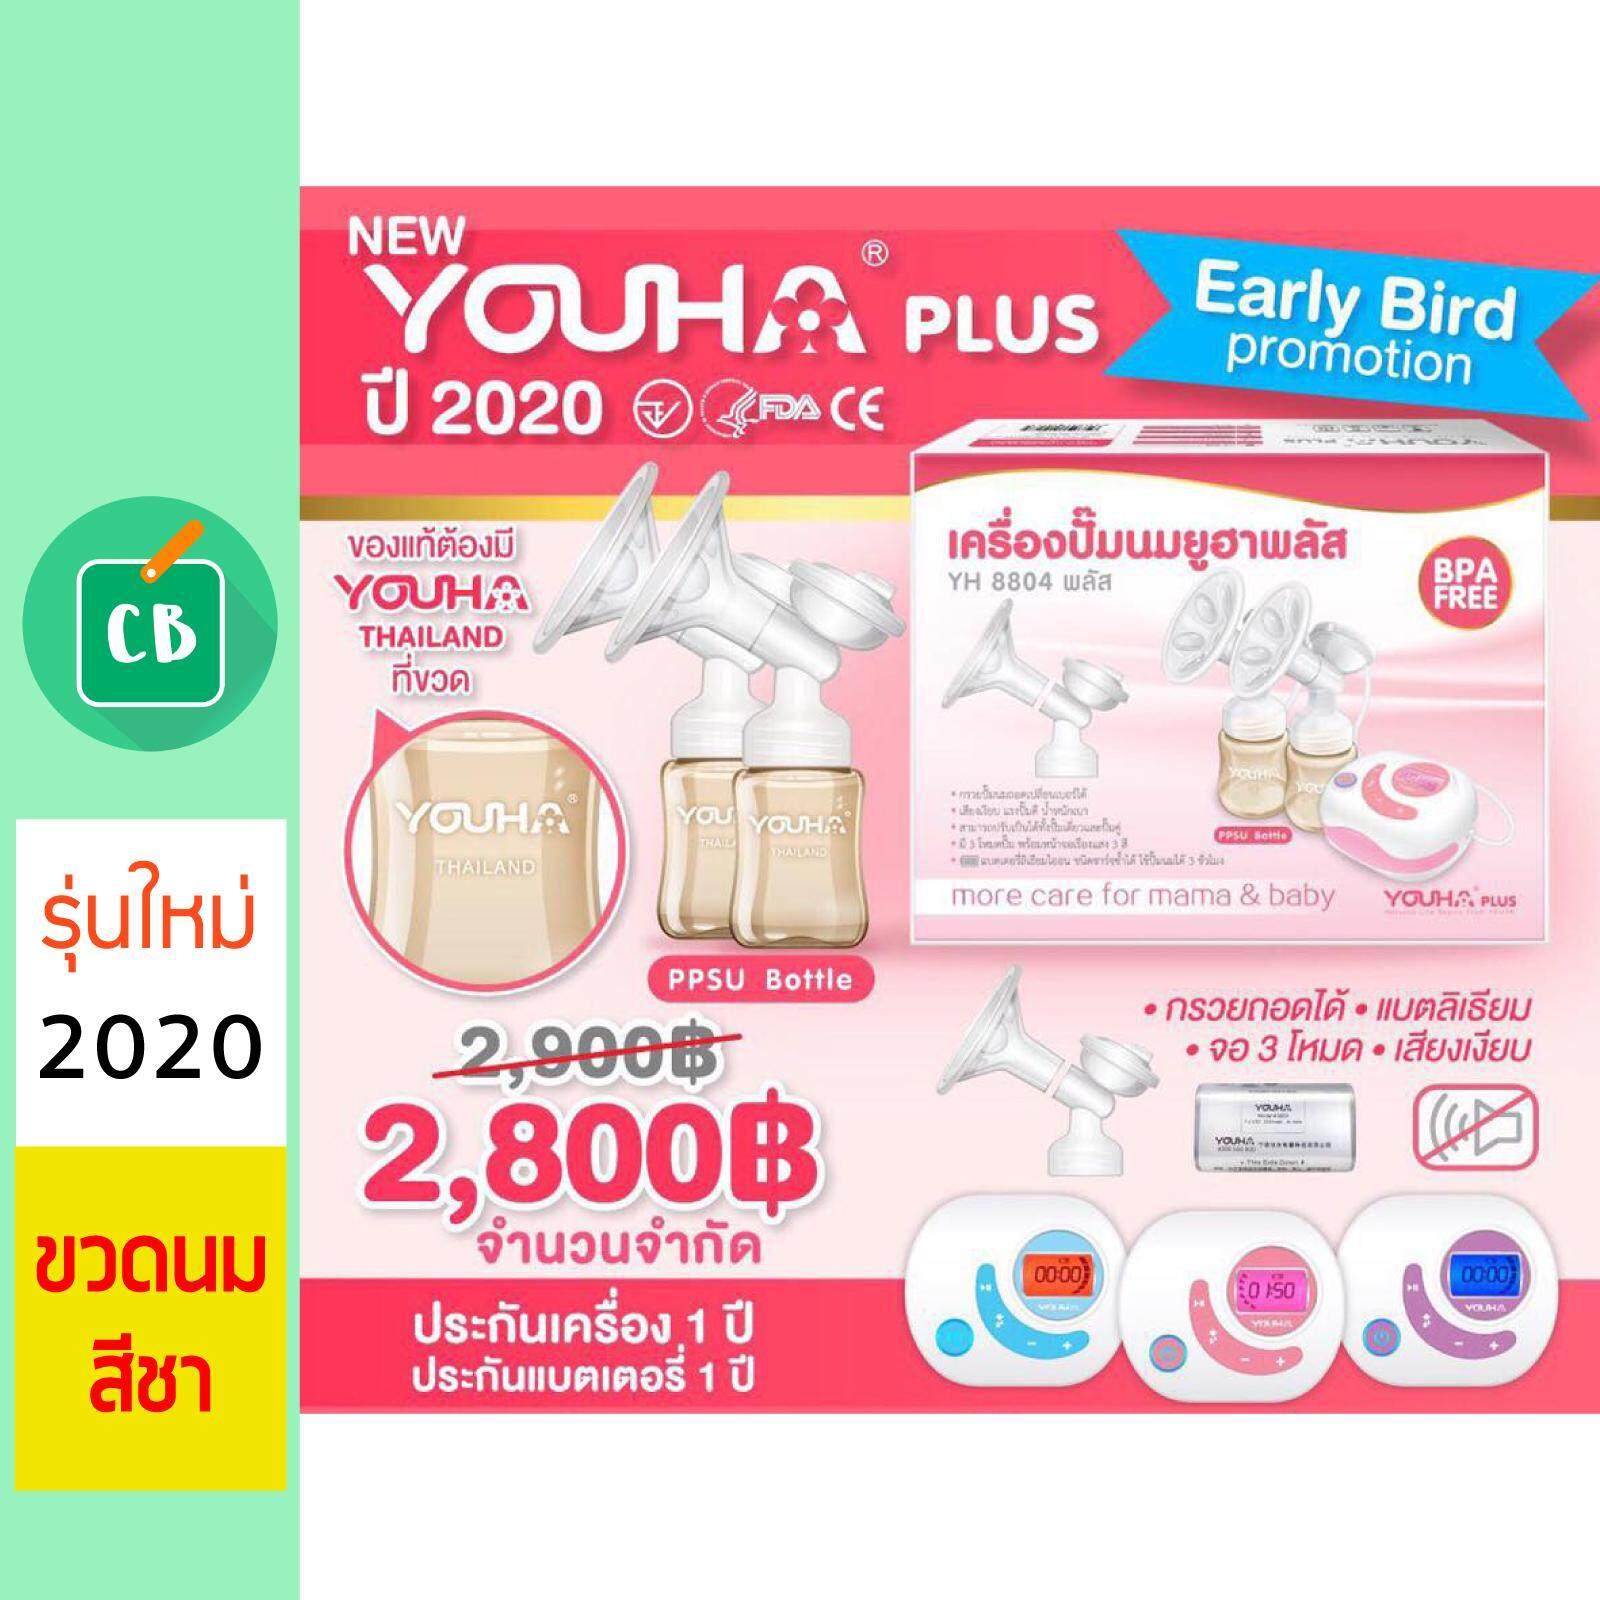 โปรโมชั่น Youha Plus (รุ่นใหม่ 2020) - ยูฮา เครื่องปั๊มนมไฟฟ้าแบบปั๊มคู่ (ประกันศูนย์ไทย 1 ปี)